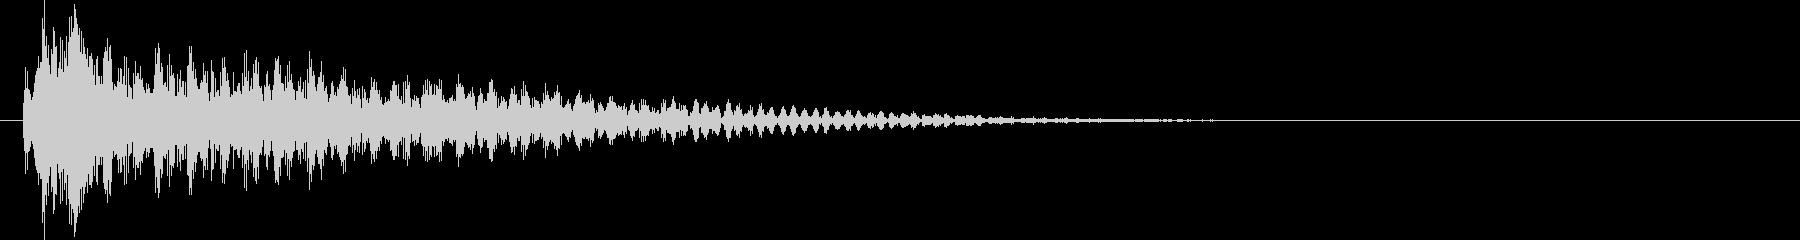 ジャン(アラート音・告知・警告音)の未再生の波形